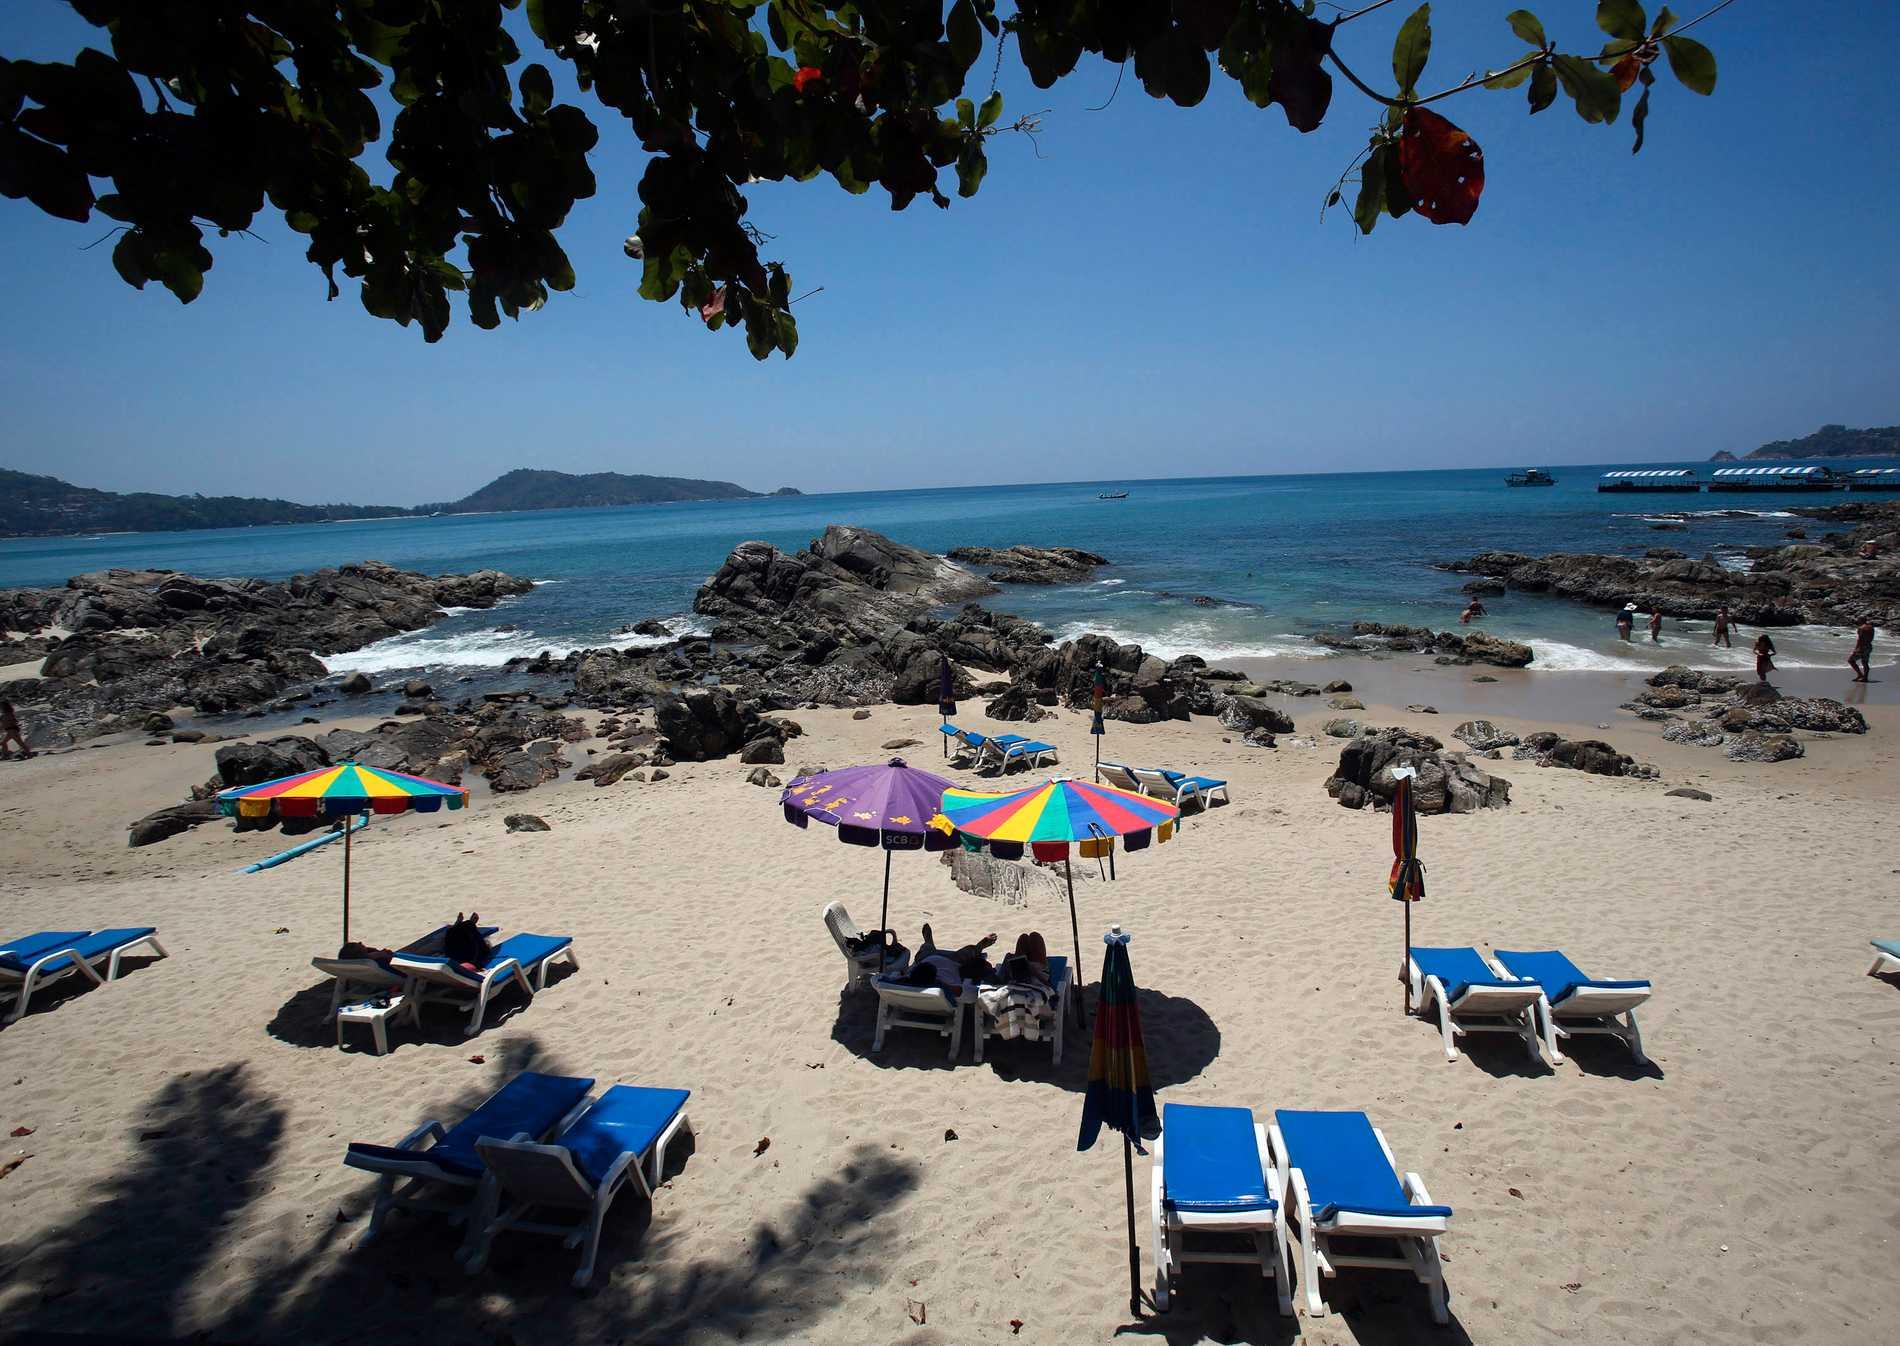 En strand i Patong i Phuket i Thailand. Snart kanske turisterna kan återvända? Arkivbild.